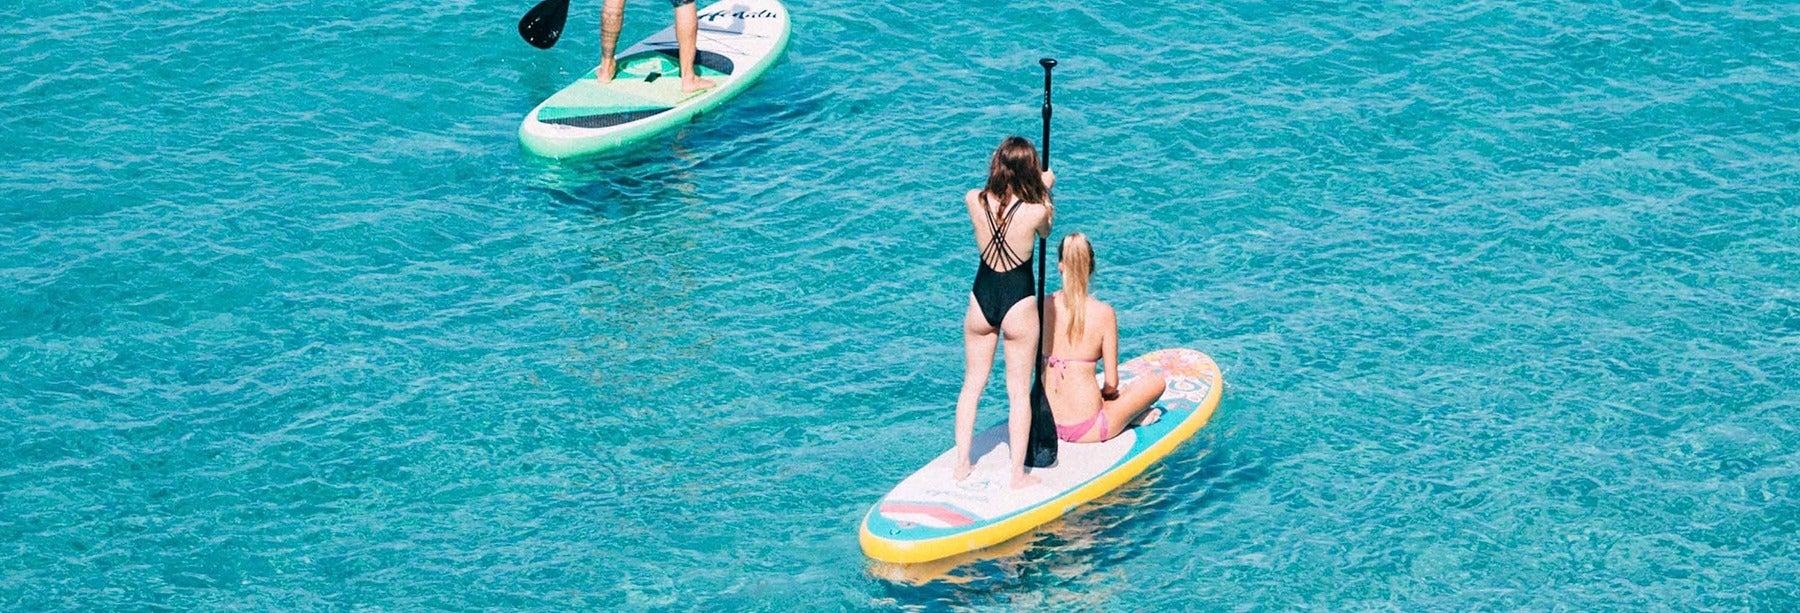 Lezione di paddle surf a Barcellona